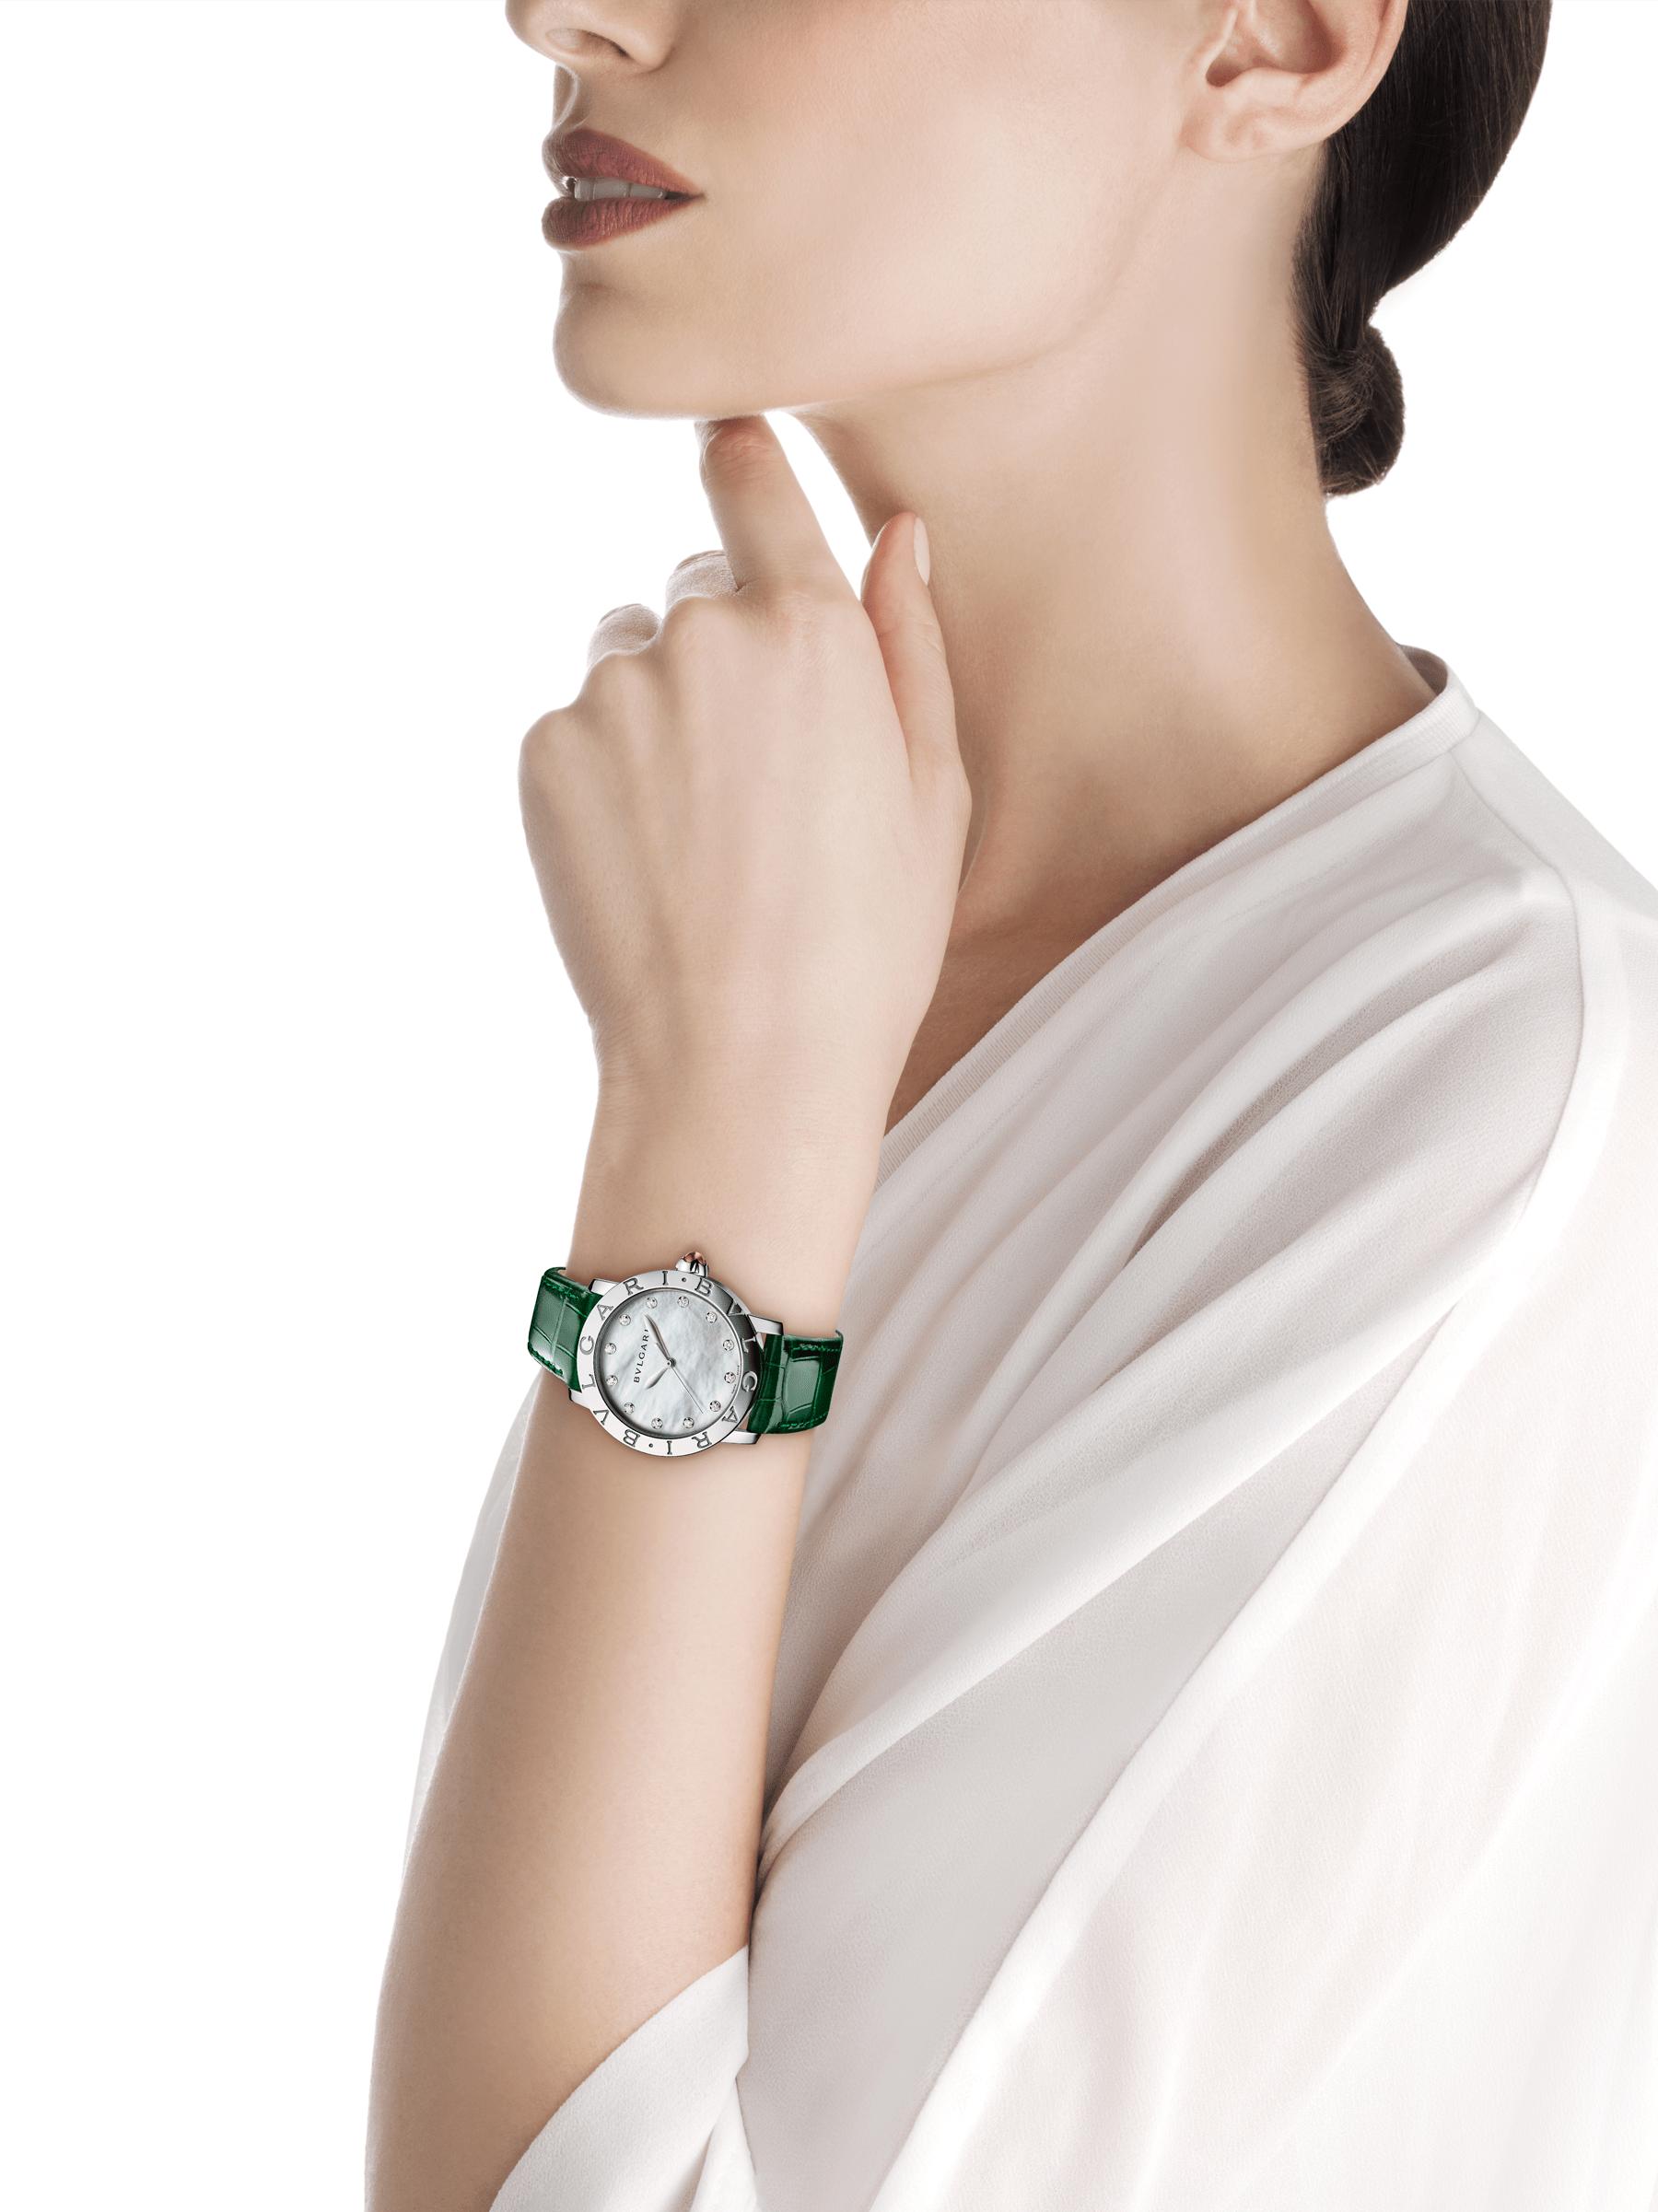 BVLGARI BVLGARI Uhr mit Gehäuse aus Edelstahl, weißem Perlmuttzifferblatt, Diamantindizes und Armband aus glänzend grünem Alligatorleder 102746 image 4